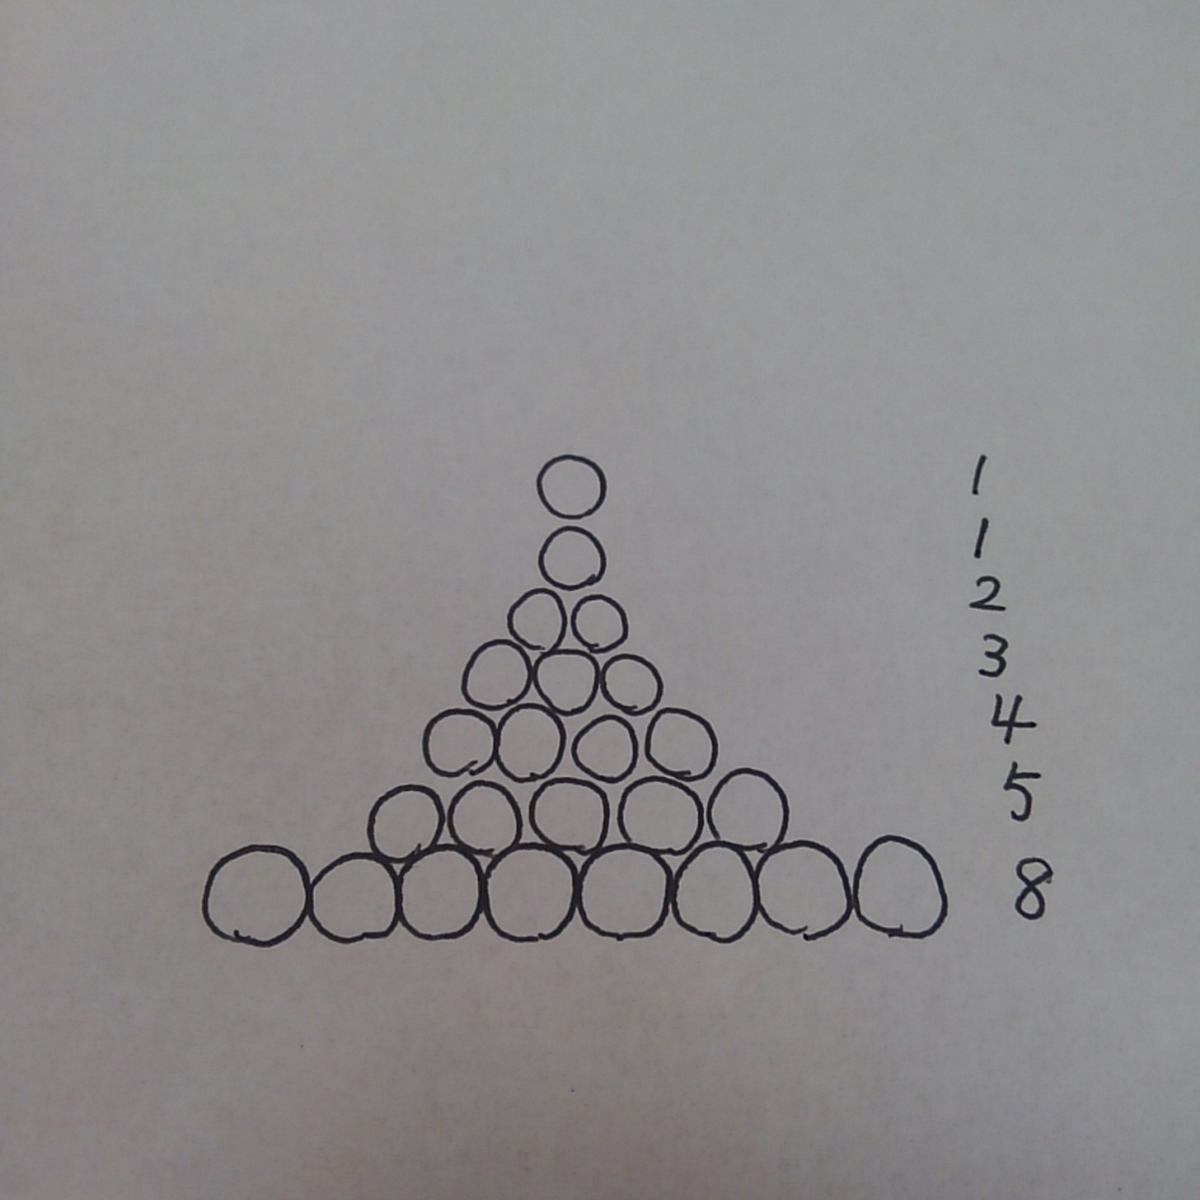 0円工作 アドベントカレンダー クリスマスツリー トイレットペーパー